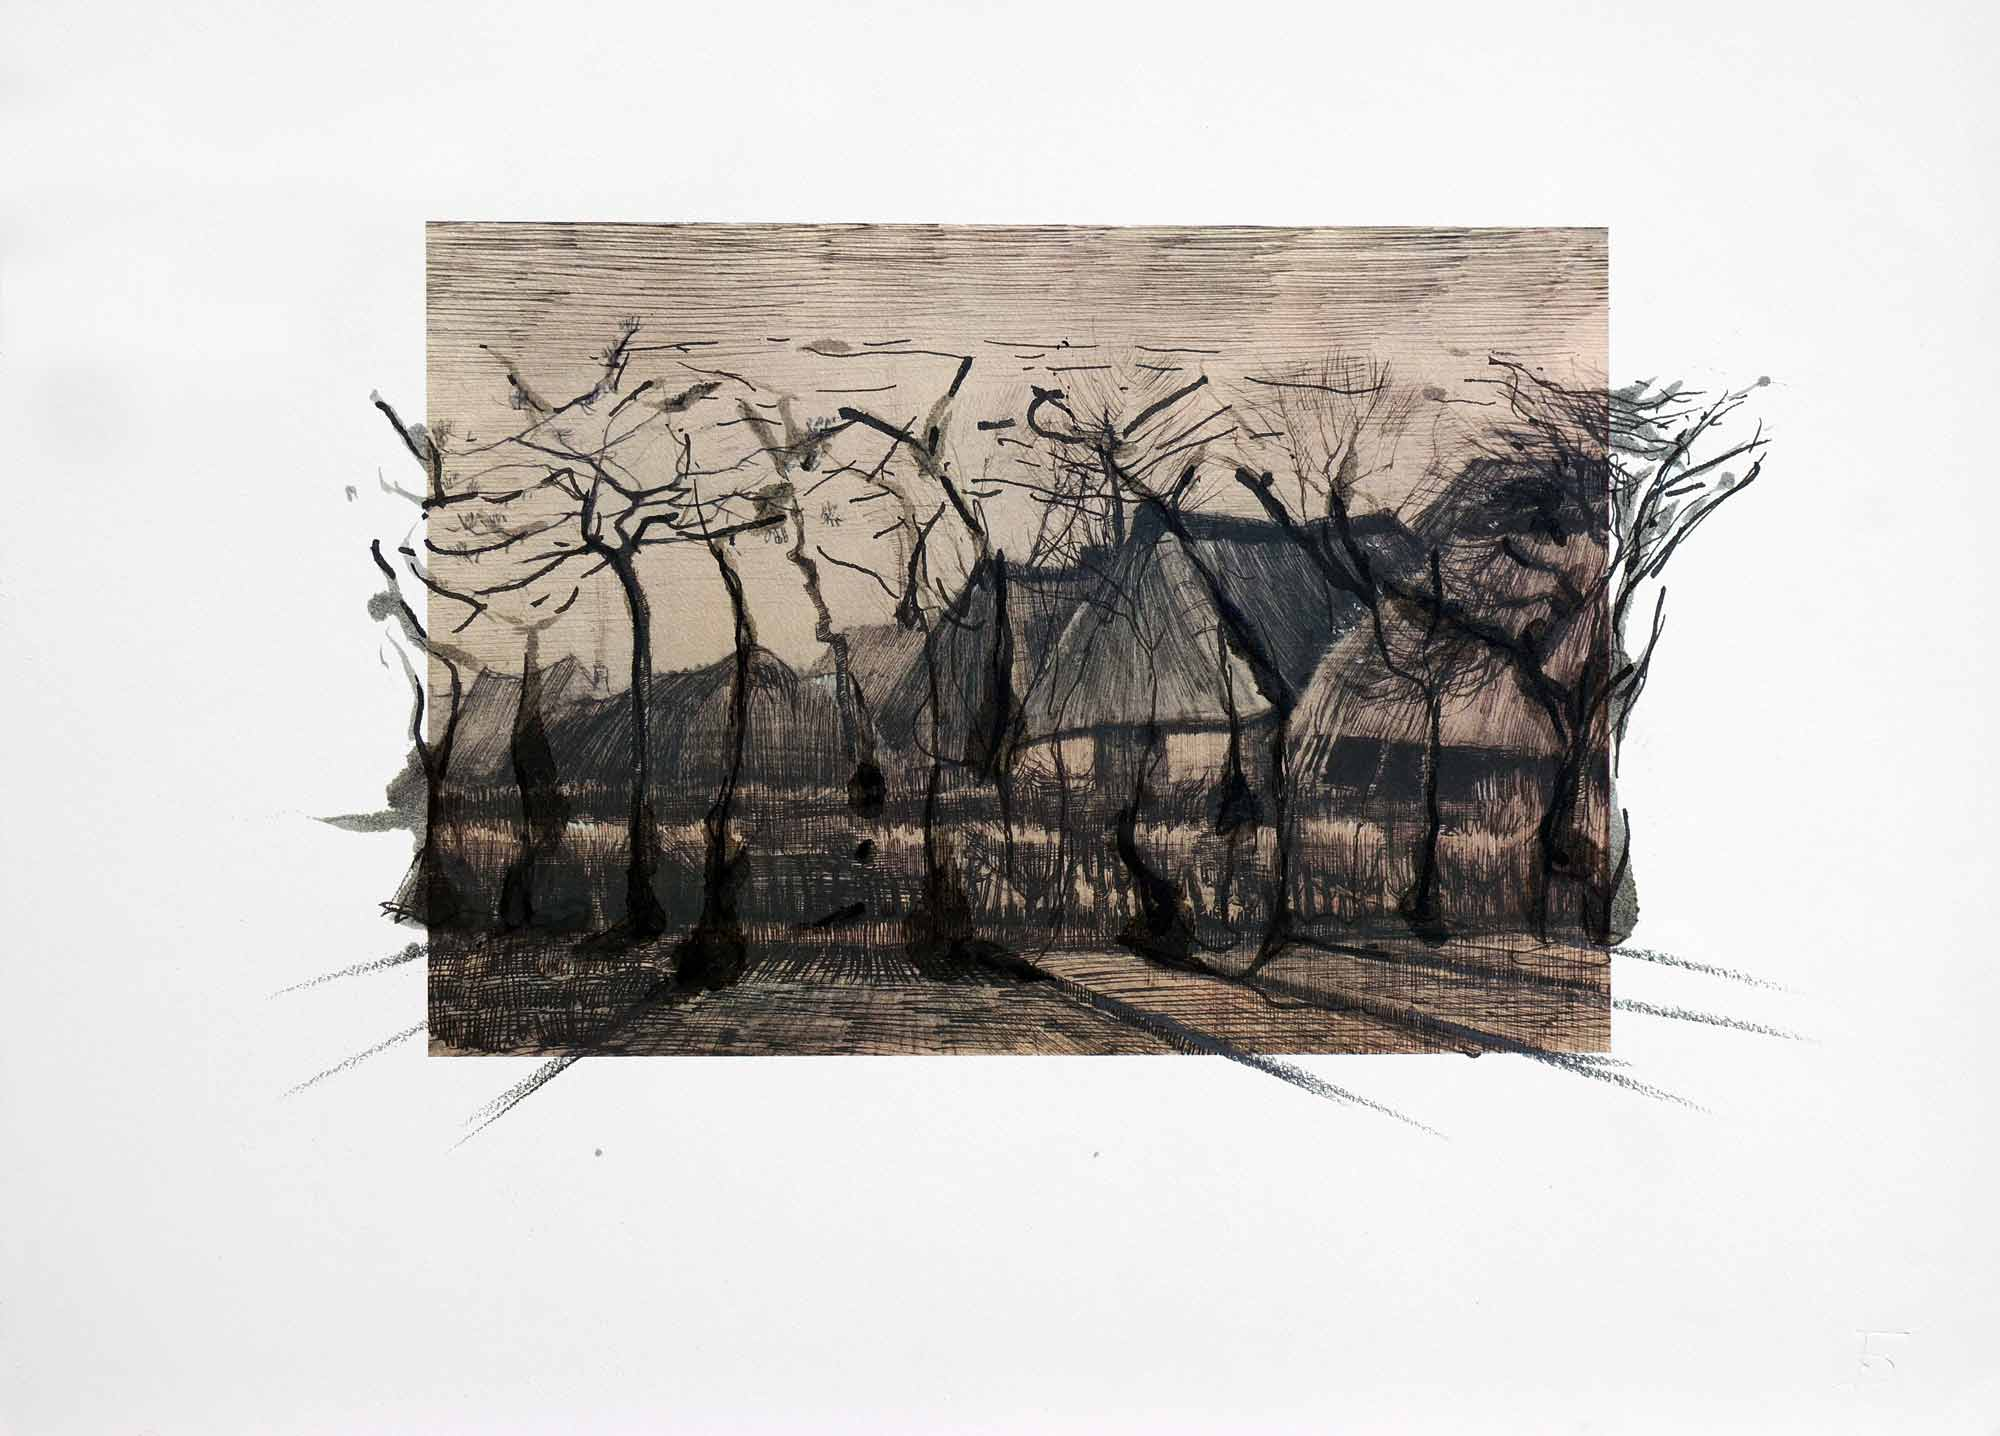 Dessin sur dessin - 2013 – Encre. 50 x 40 cm. Denis Falgoux